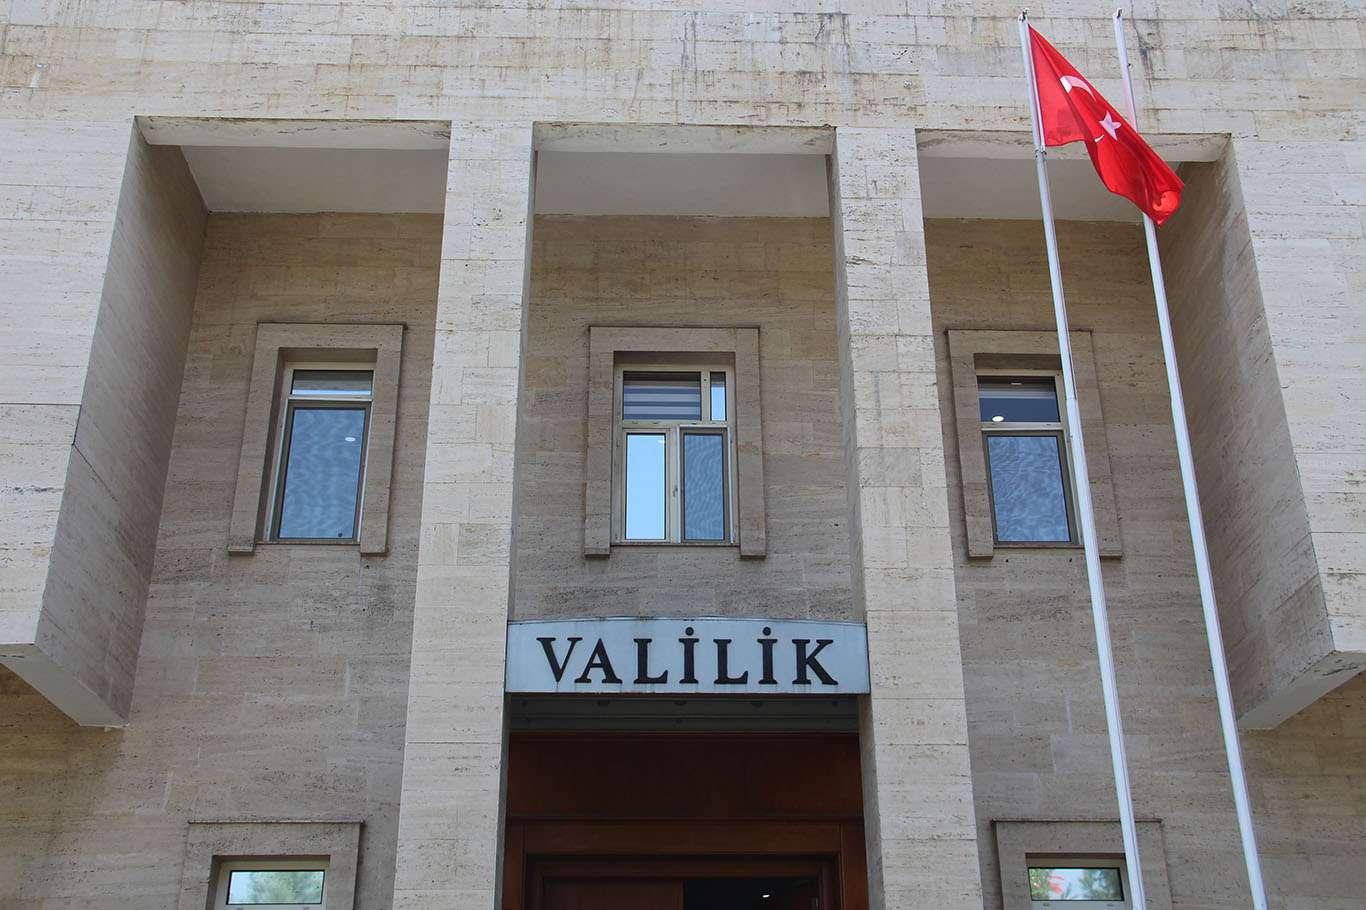 Alınan Yeni Karar İle Diyarbakır'da Bazı Mahallelerin İsimleri Değiştirildi